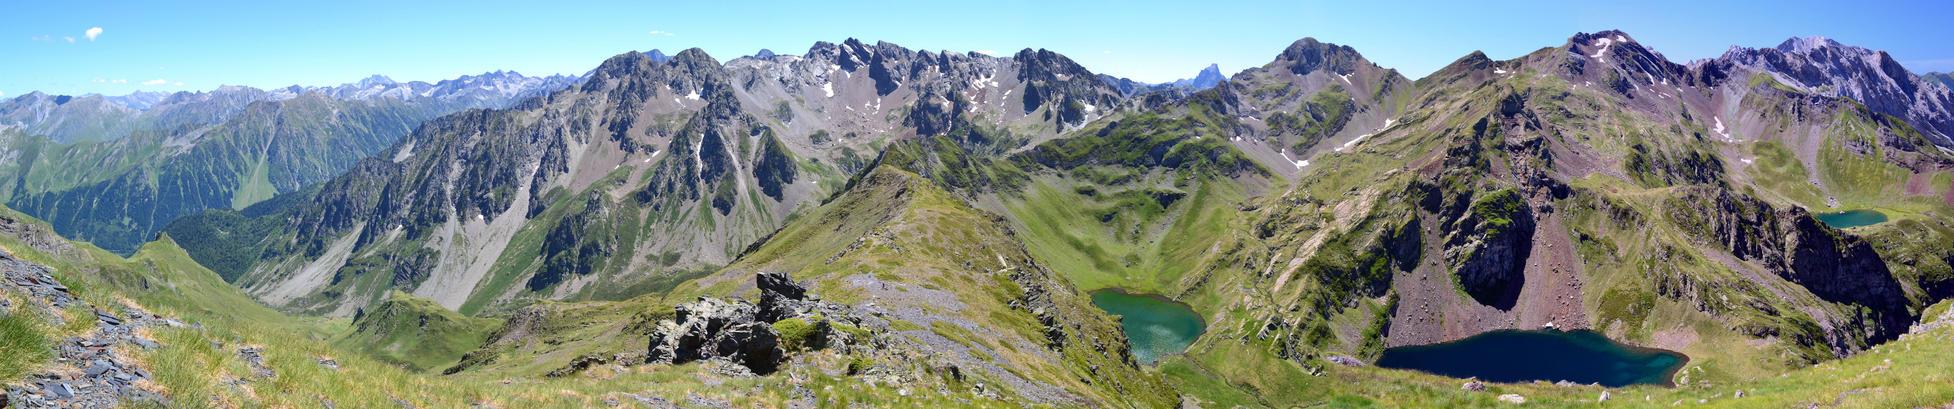 Les 3 lacs vus depuis le Sanctus by Aude-la-randonneuse